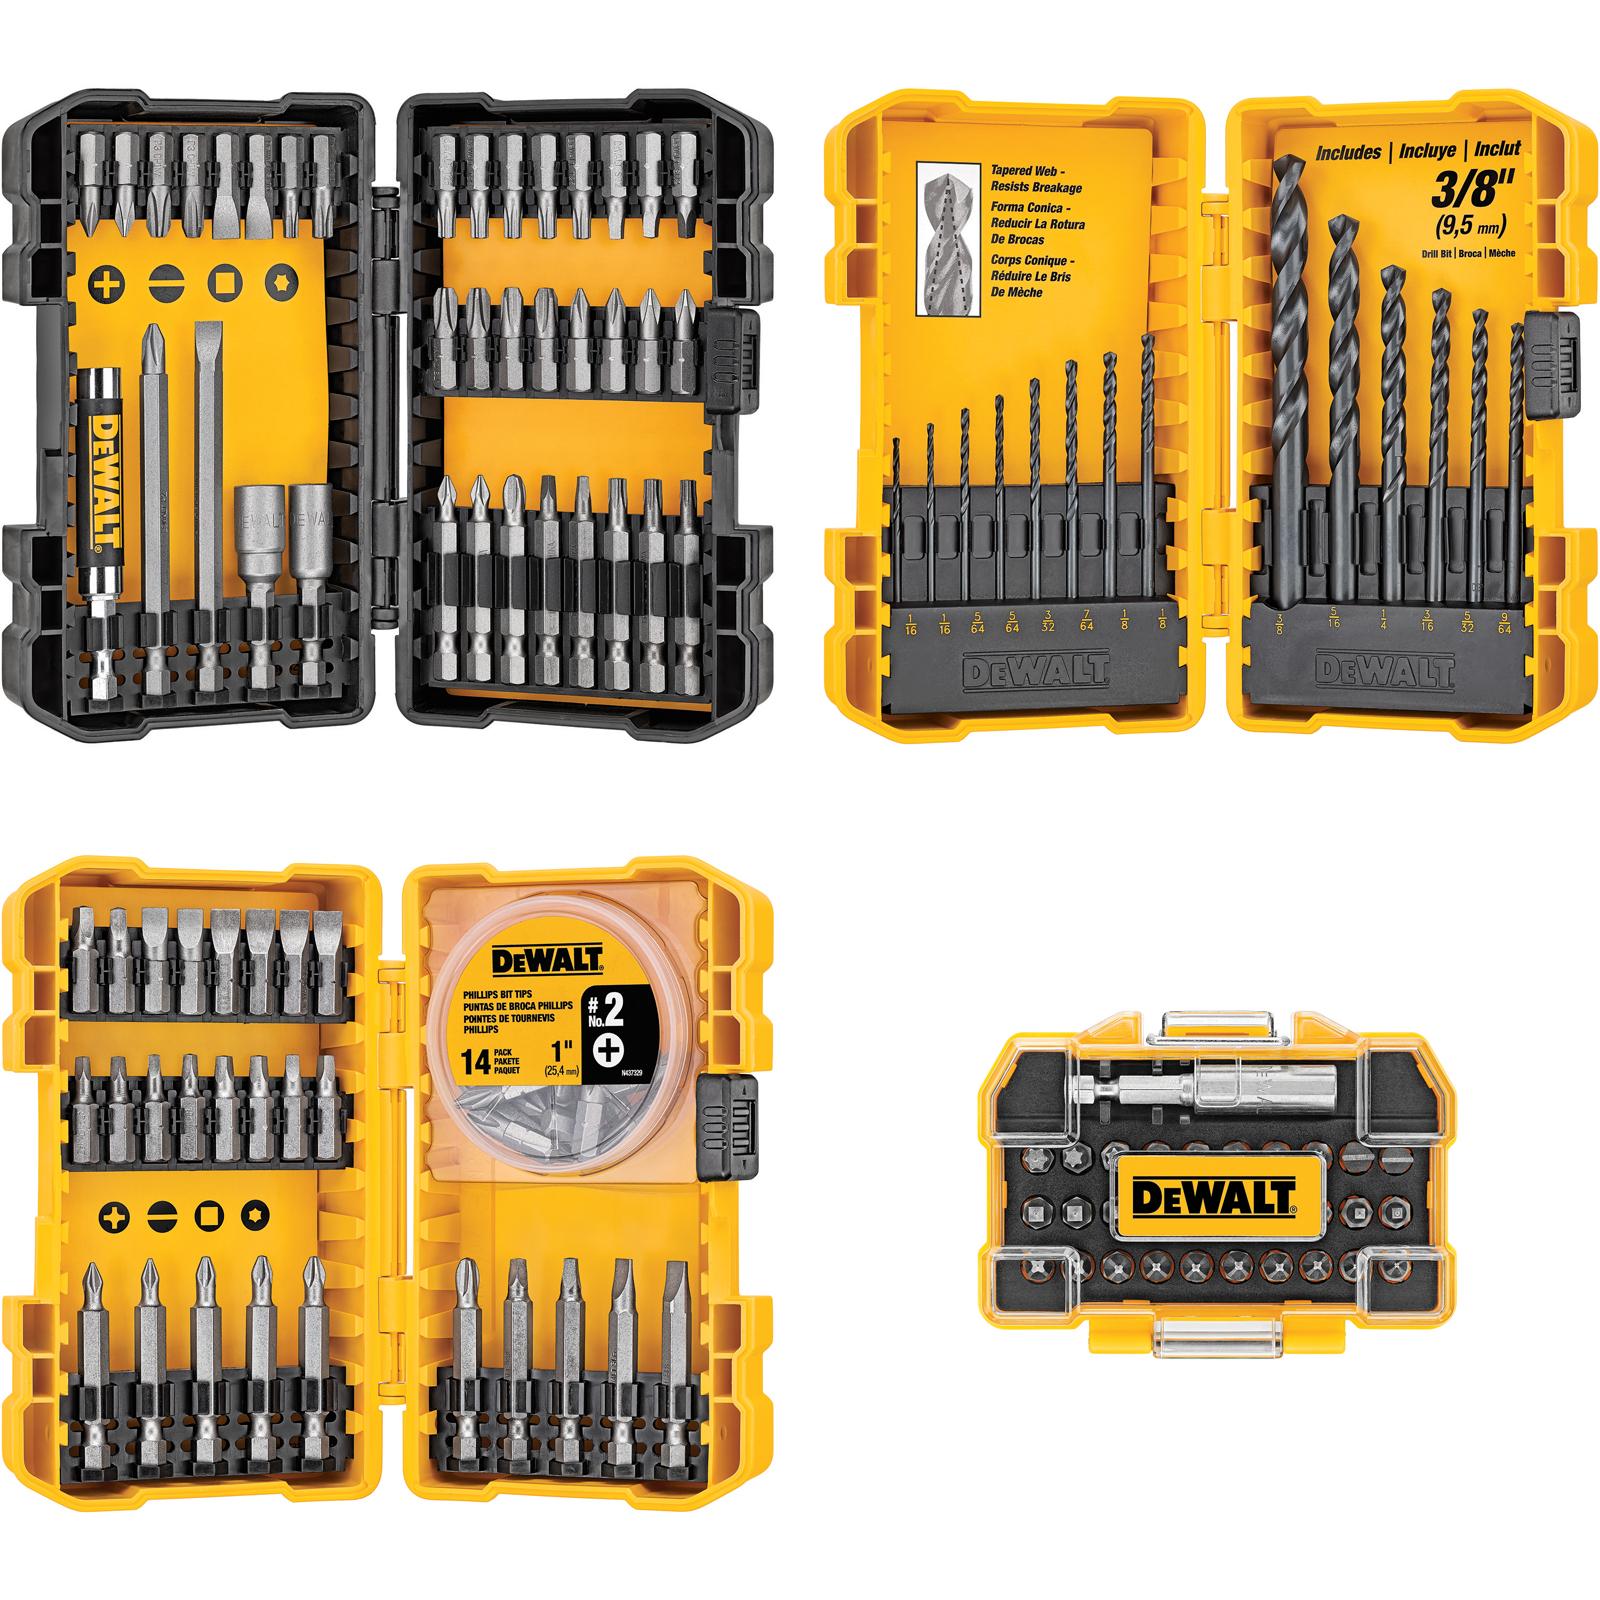 DeWalt 122 Piece Drill/Drive Set